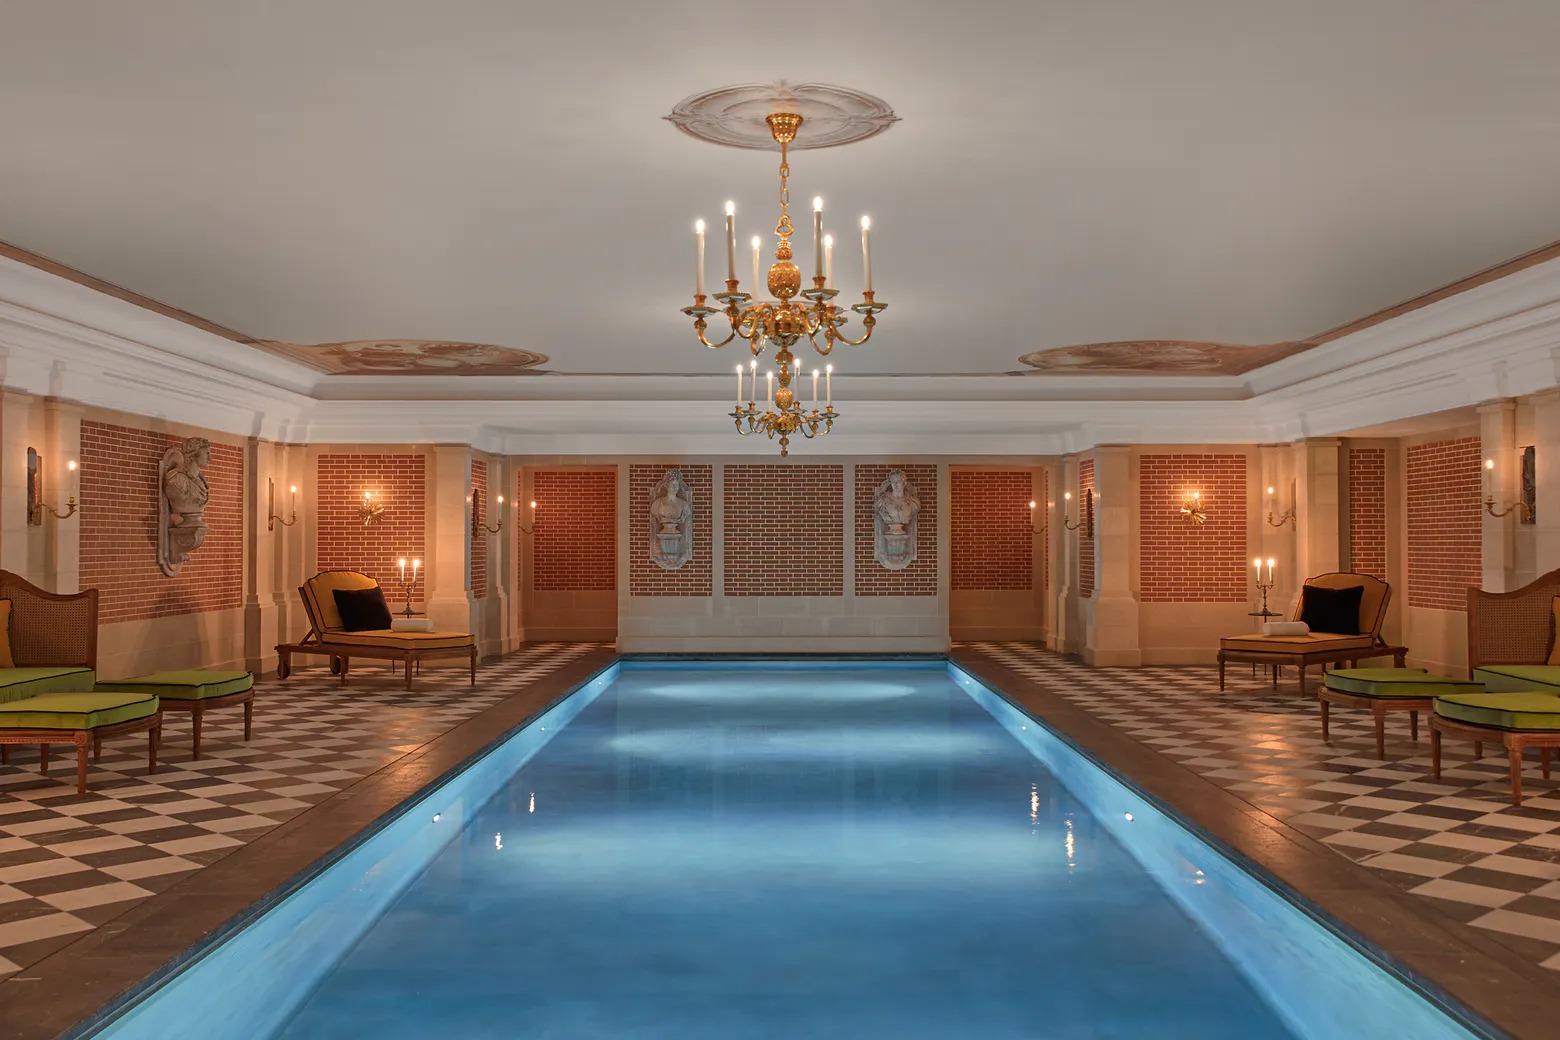 Hotel de luxo no Palácio de Versalhes